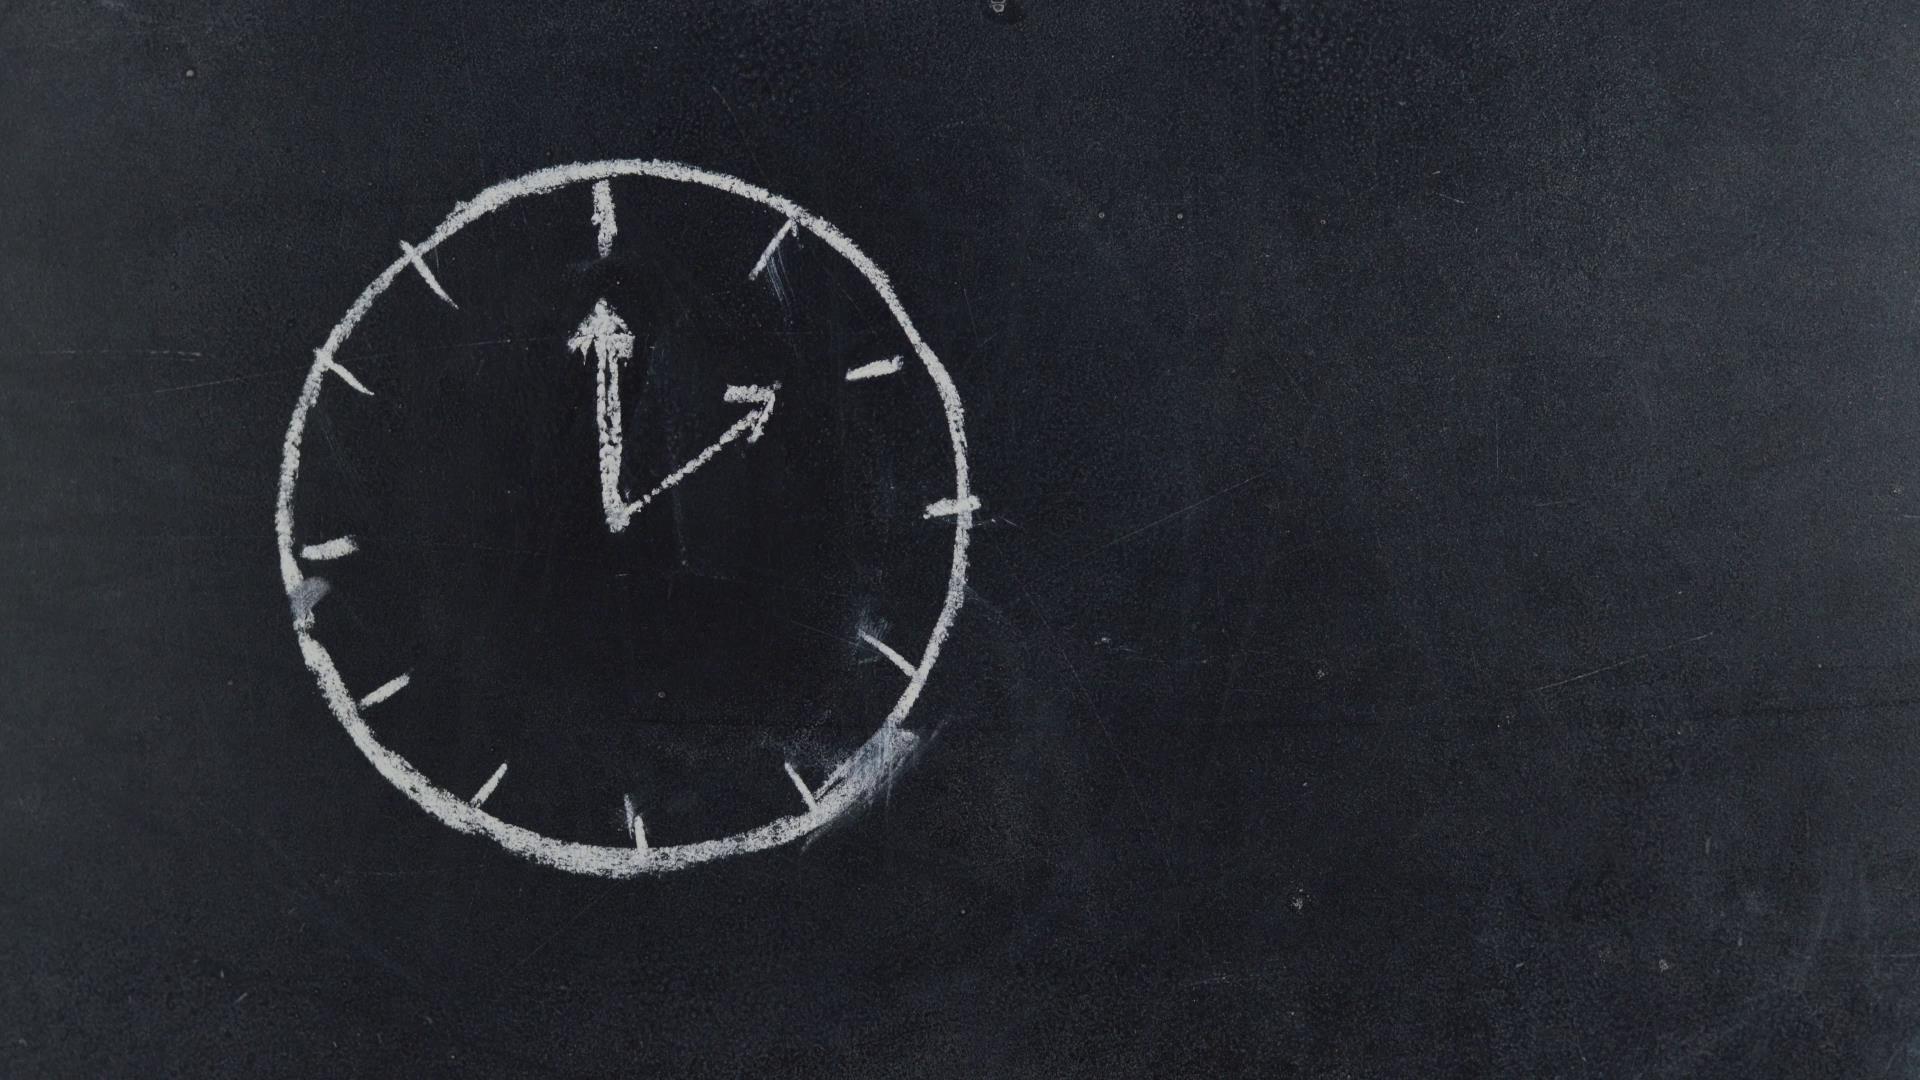 黑板粉笔手绘时钟定格运动视频素材